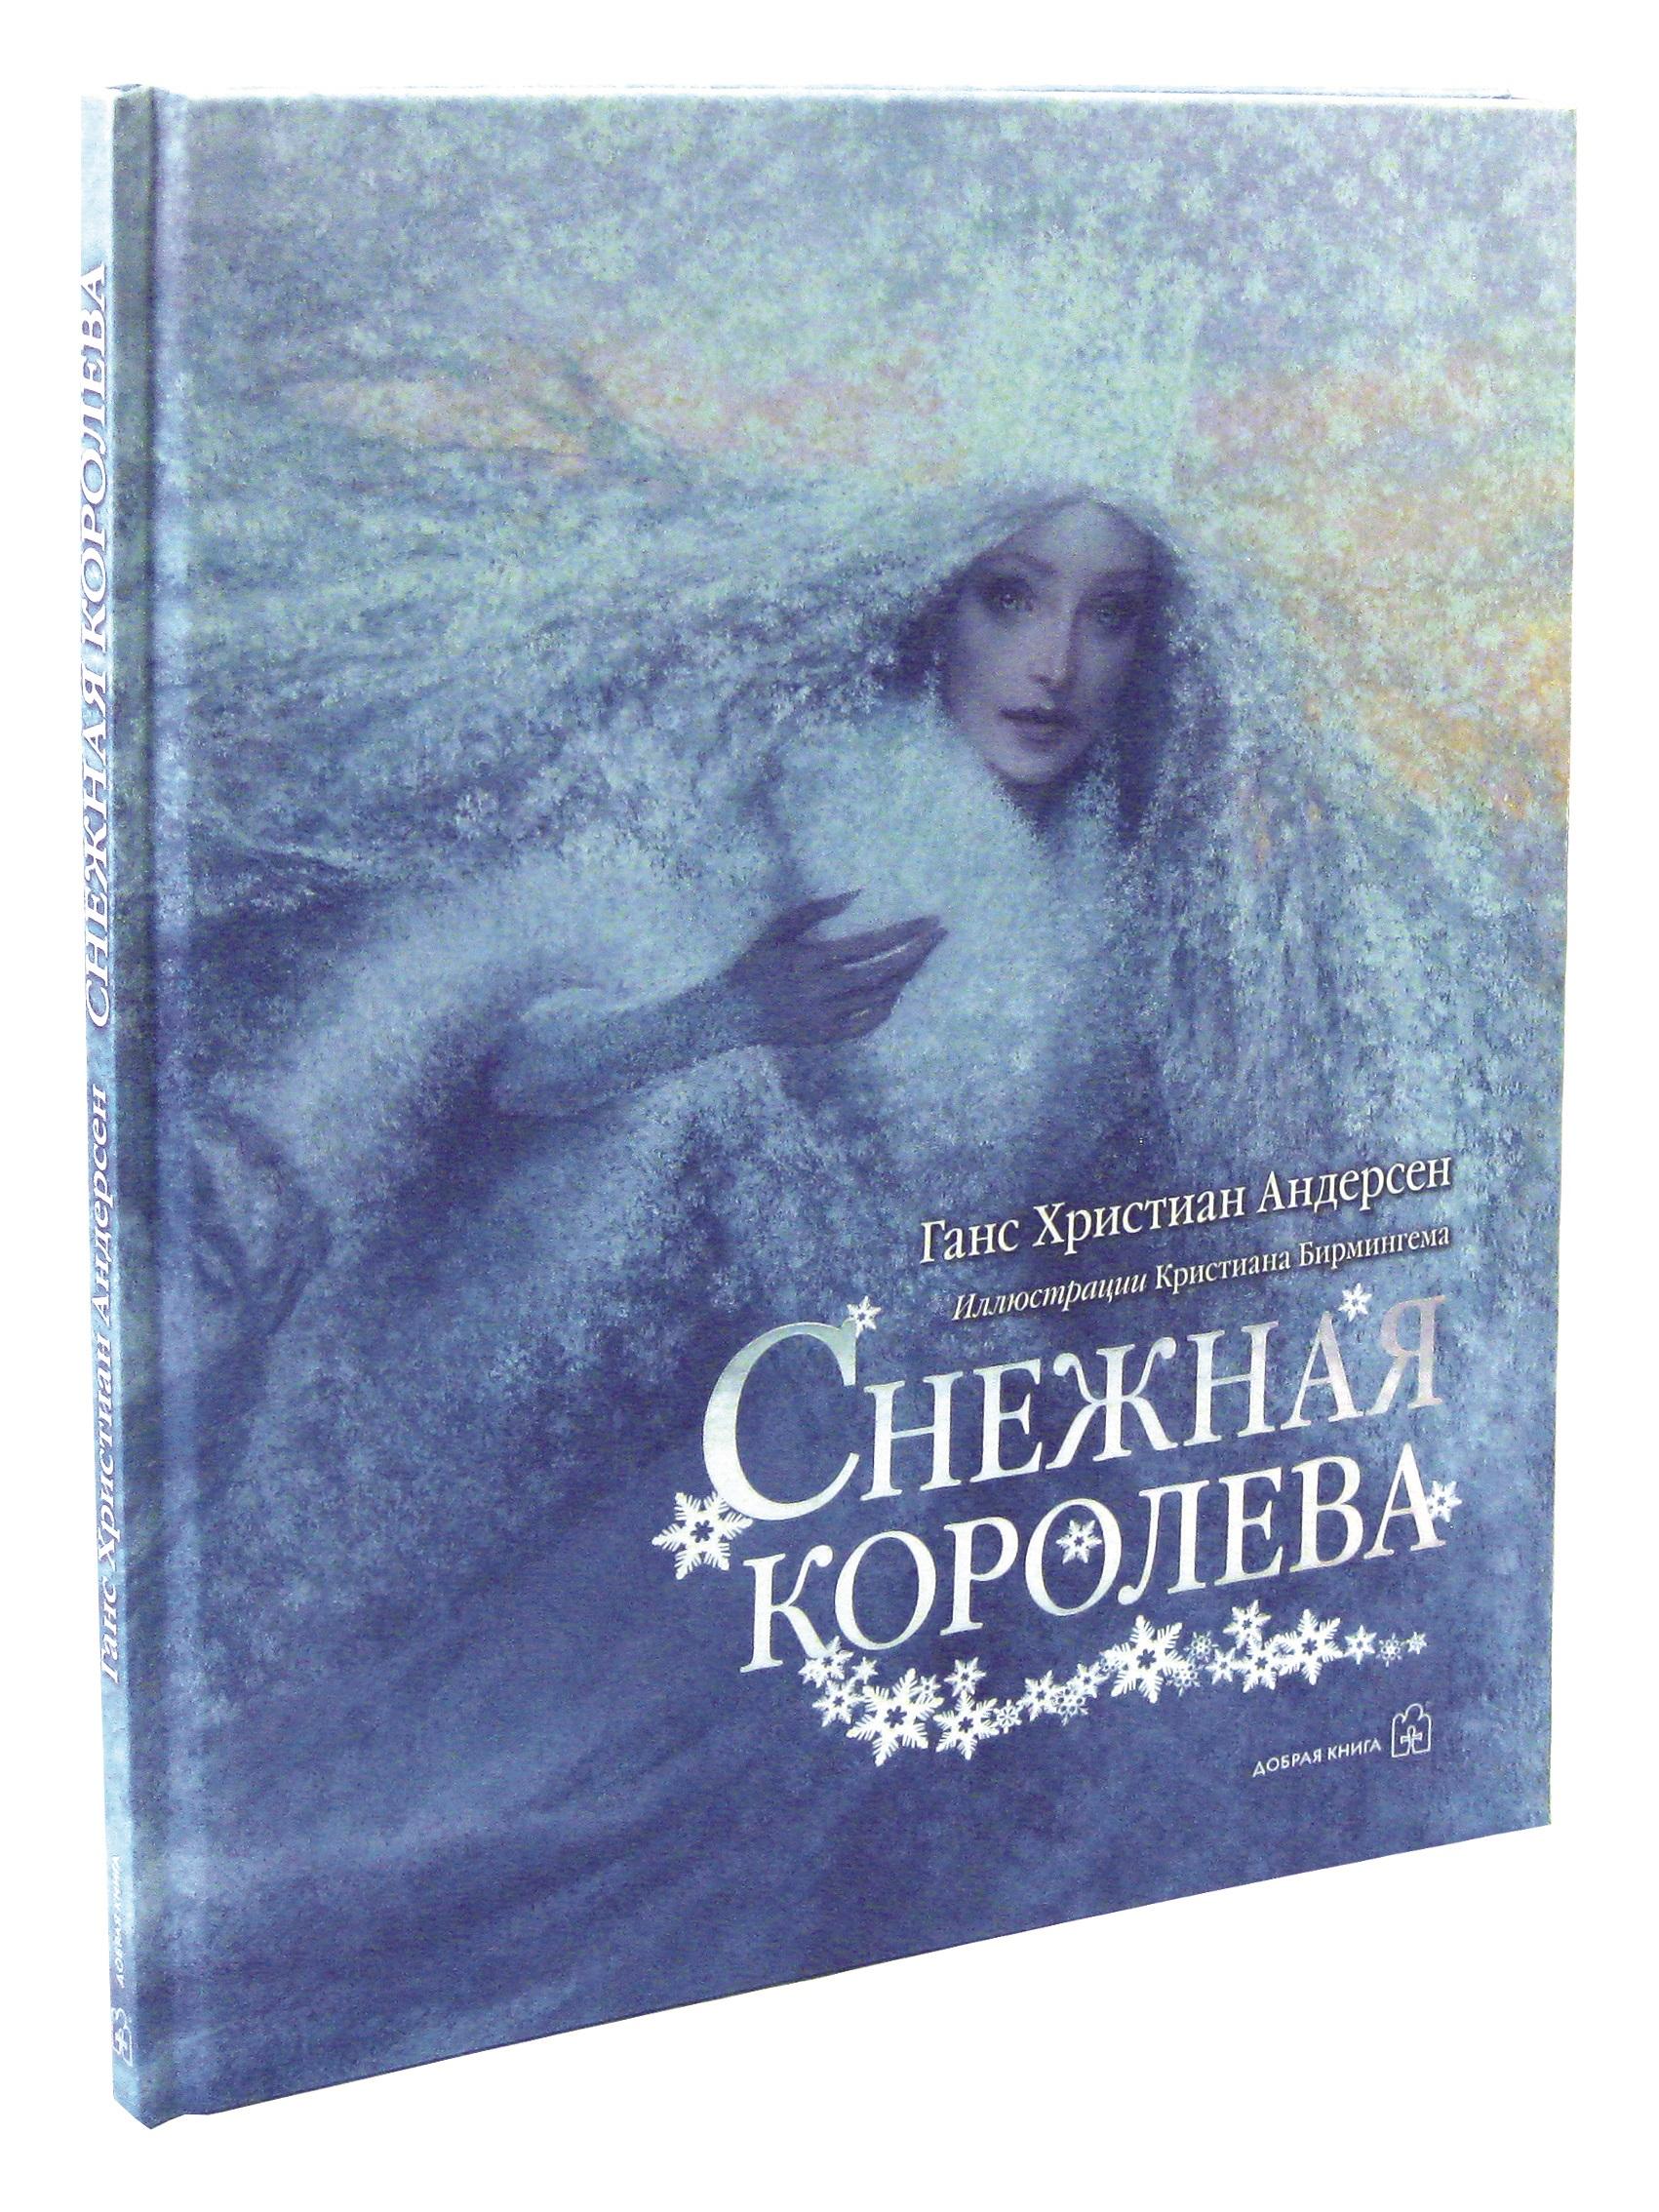 Снежная королева мультфильм 1957  Википедия